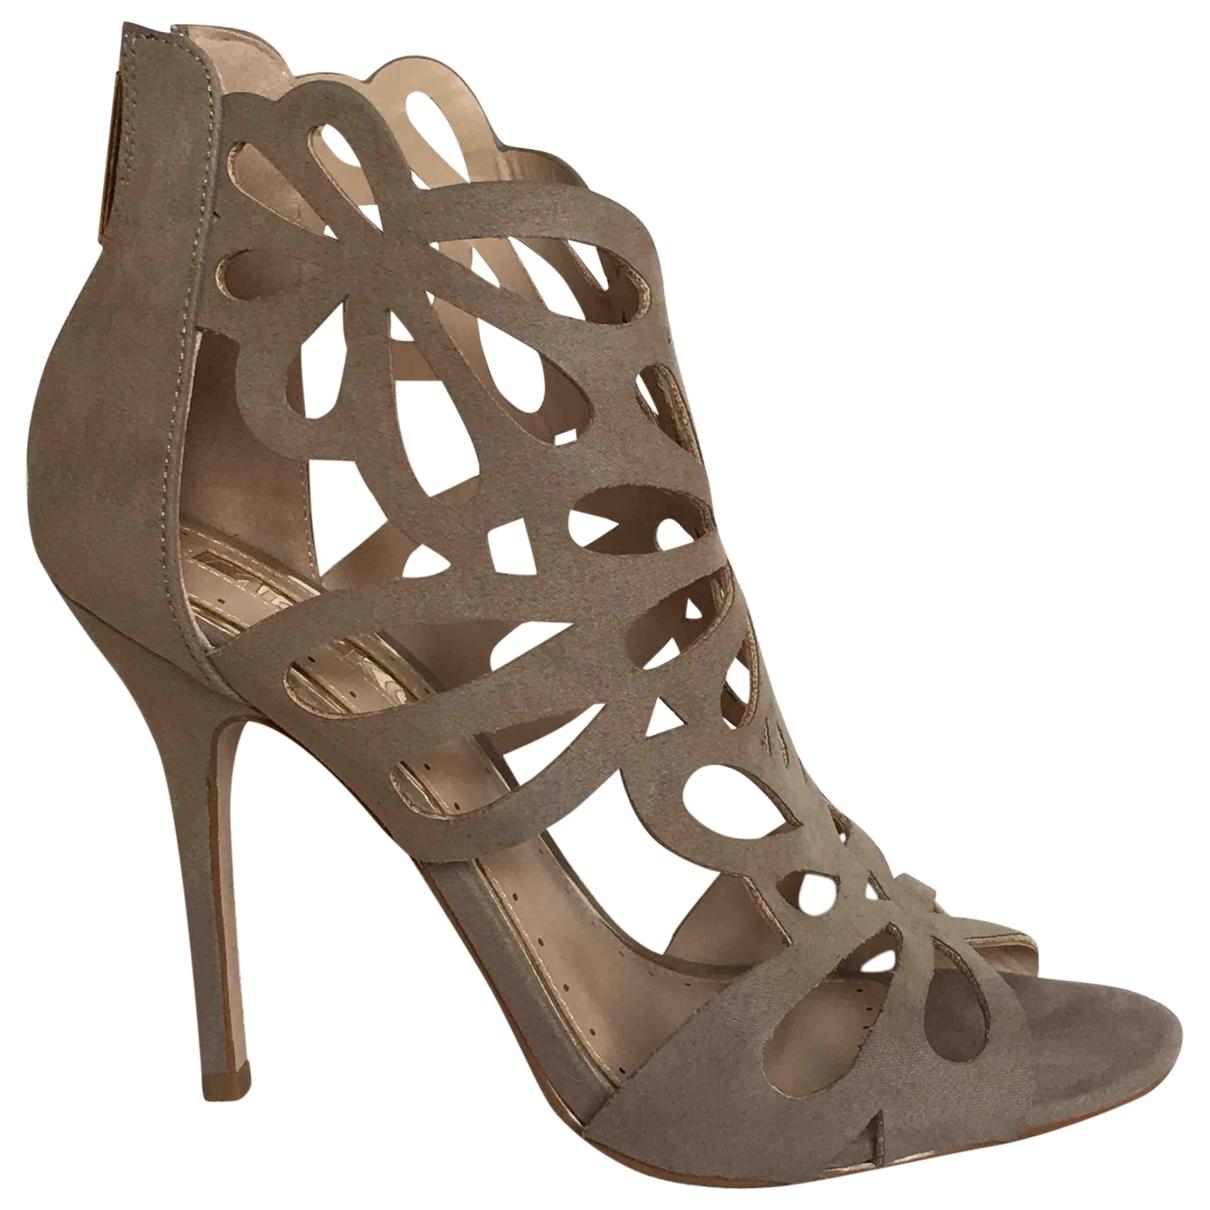 Kurt Geiger \N Beige Cloth Sandals for Women 40 EU